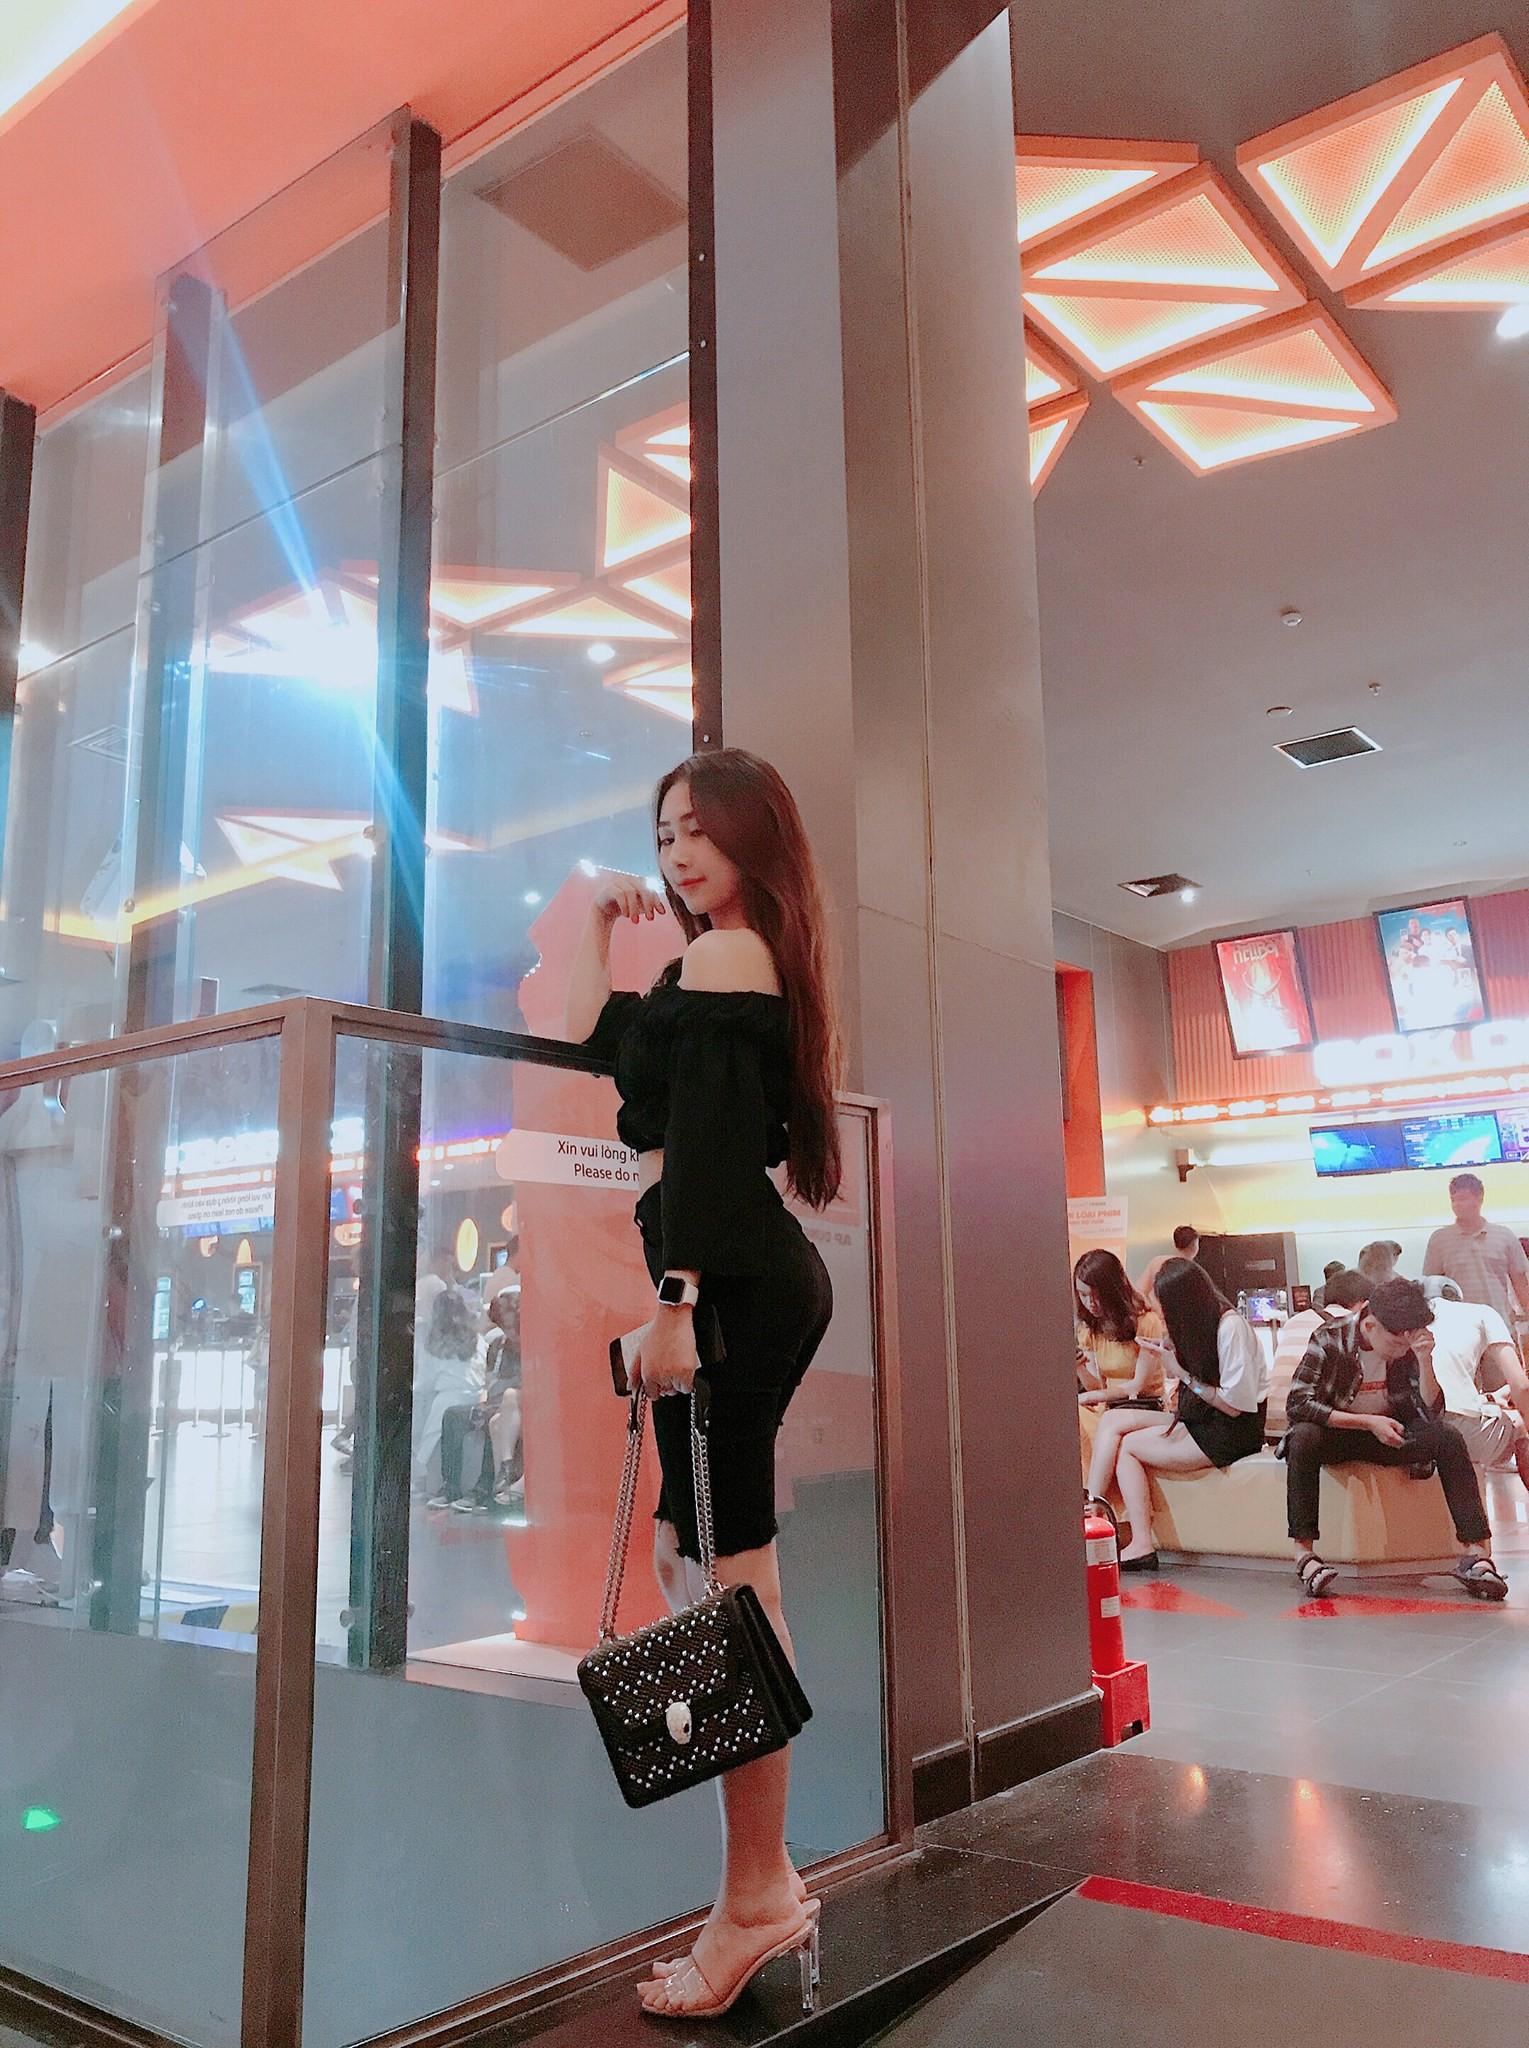 Cô gái có body nóng bỏng được cho là bạn gái của tuyển thủ Việt Nam Huỳnh Tấn Sinh là ai? - Ảnh 7.